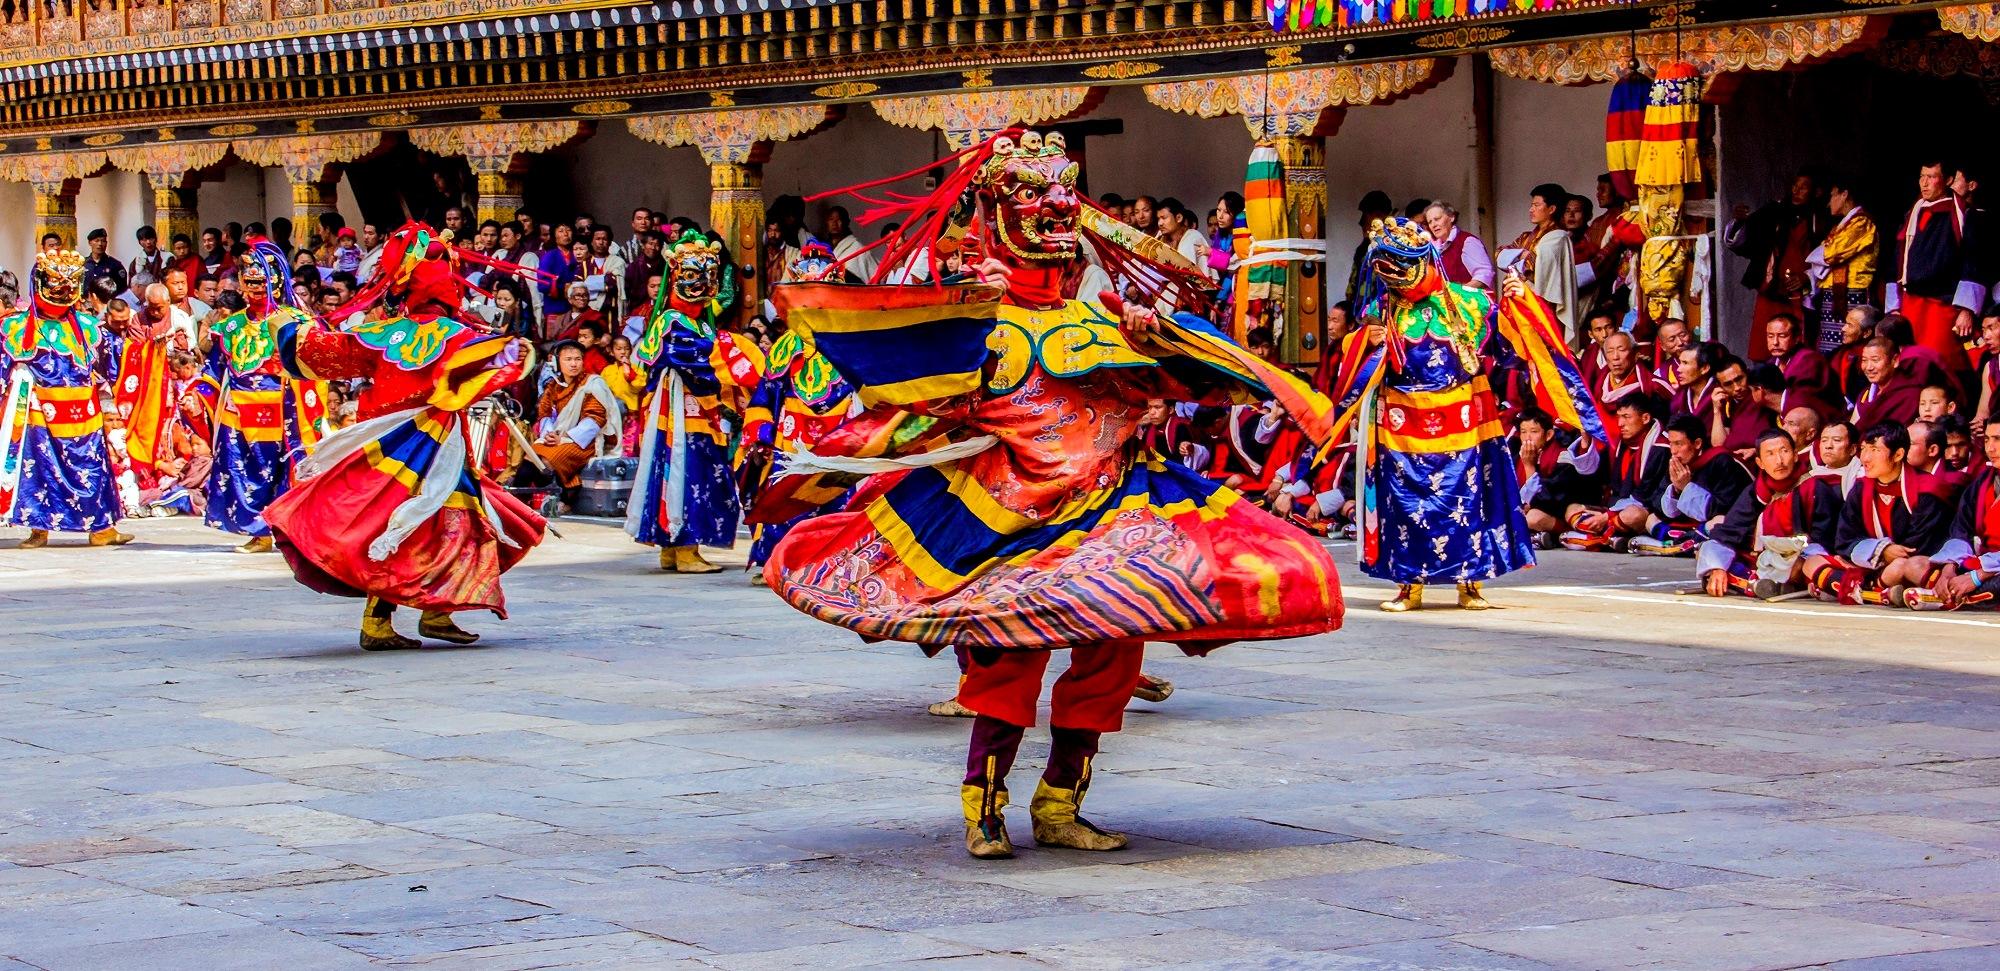 Maskierte Täntzer bei einem Festival in Bhutan